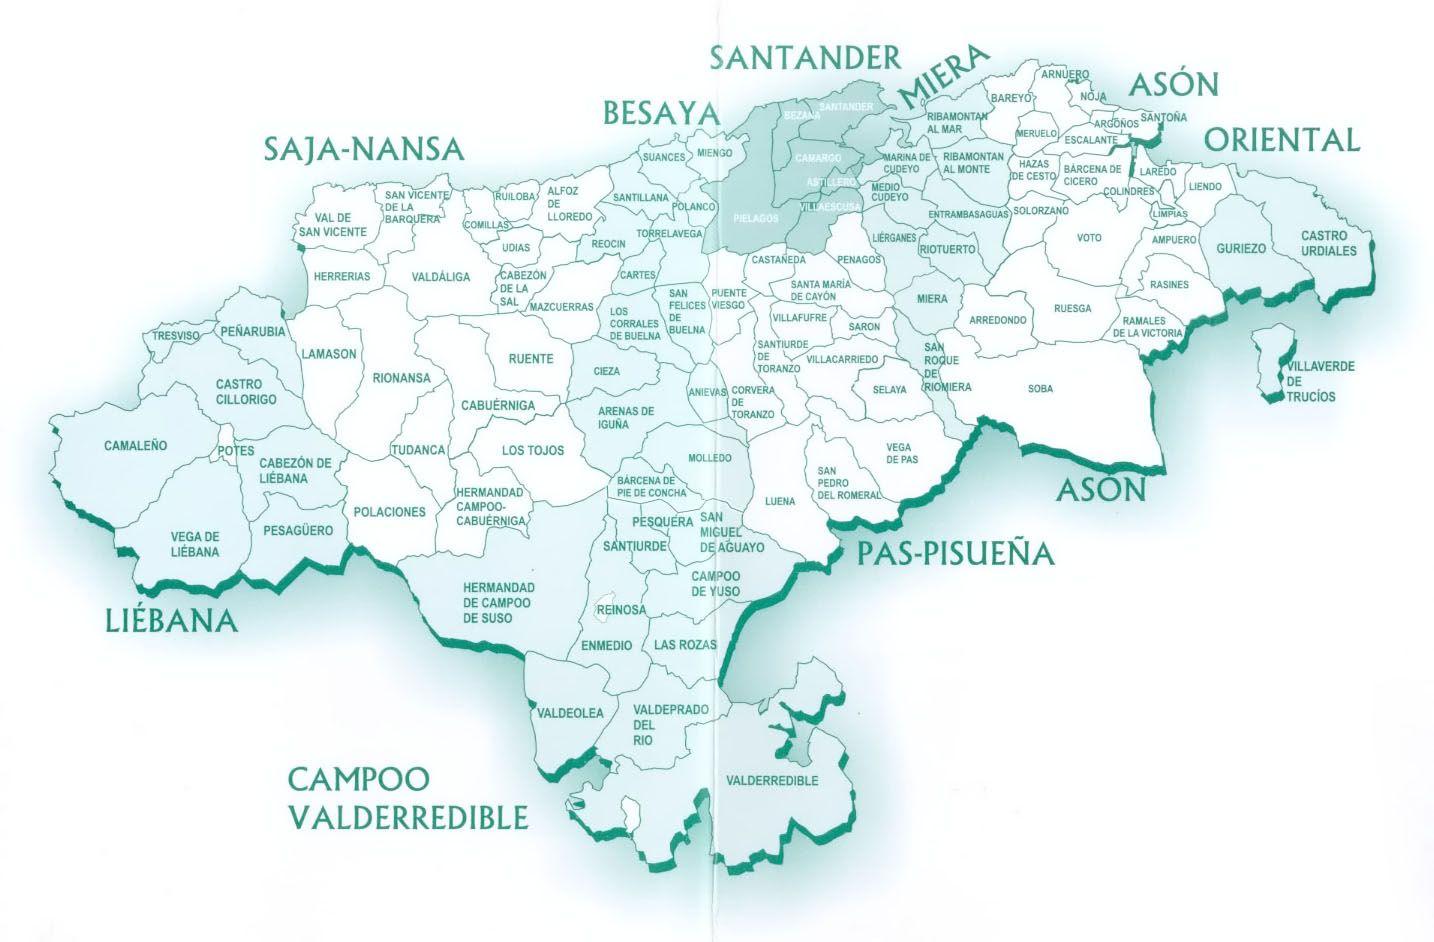 Mapa Politico De Cantabria Mapas Mapa De Espana Mapa Politico